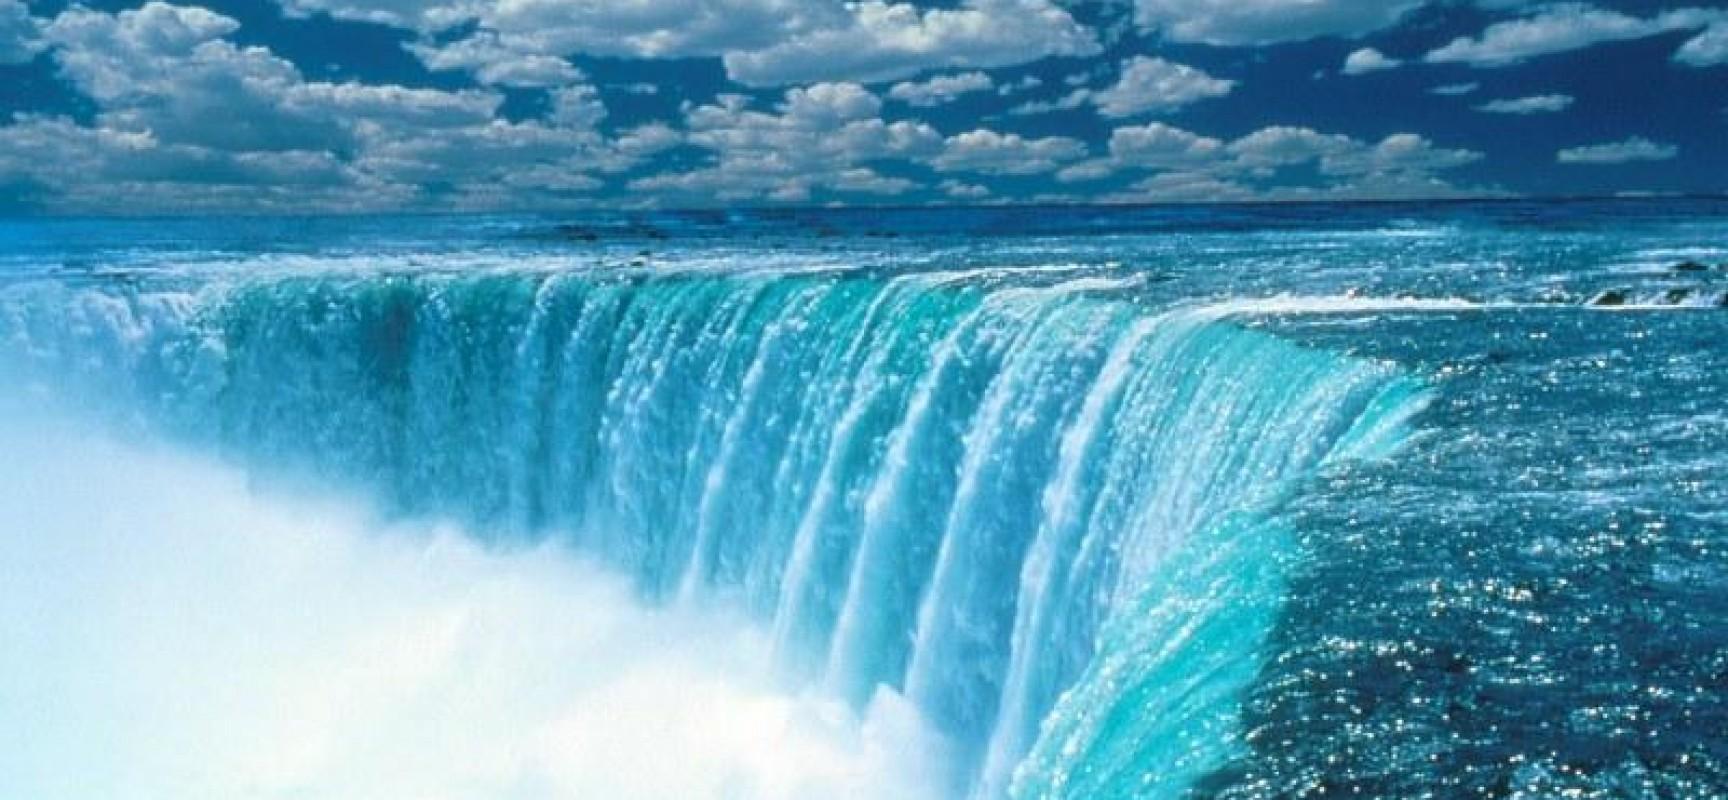 Niagara Falls Beautiful Waterfall In New York, Canada ...